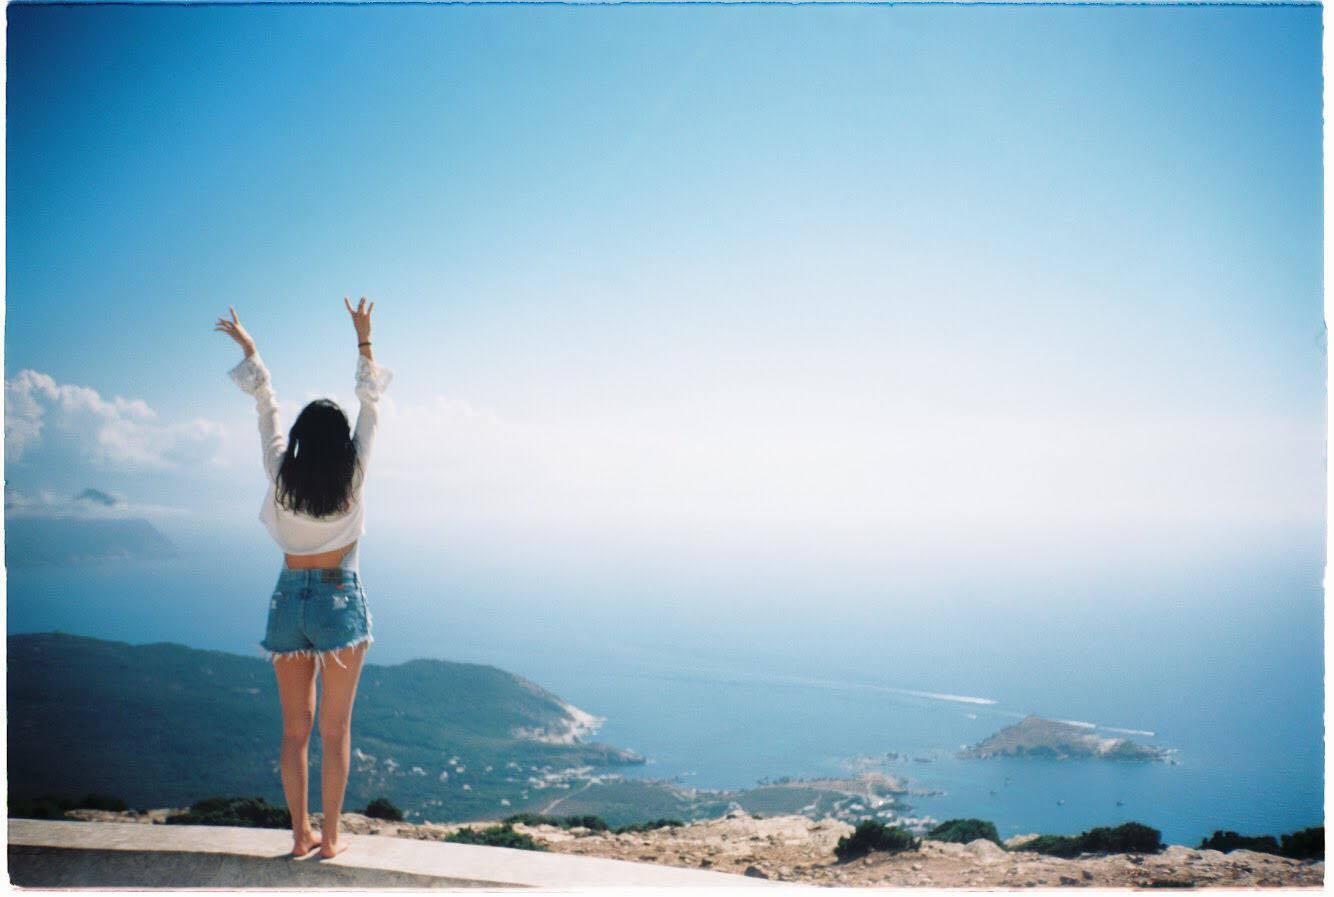 Những chuyến đi châu Âu của hot girl khiến dân tình đứng ngồi không yên vì ảnh đẹp - Ảnh 22.